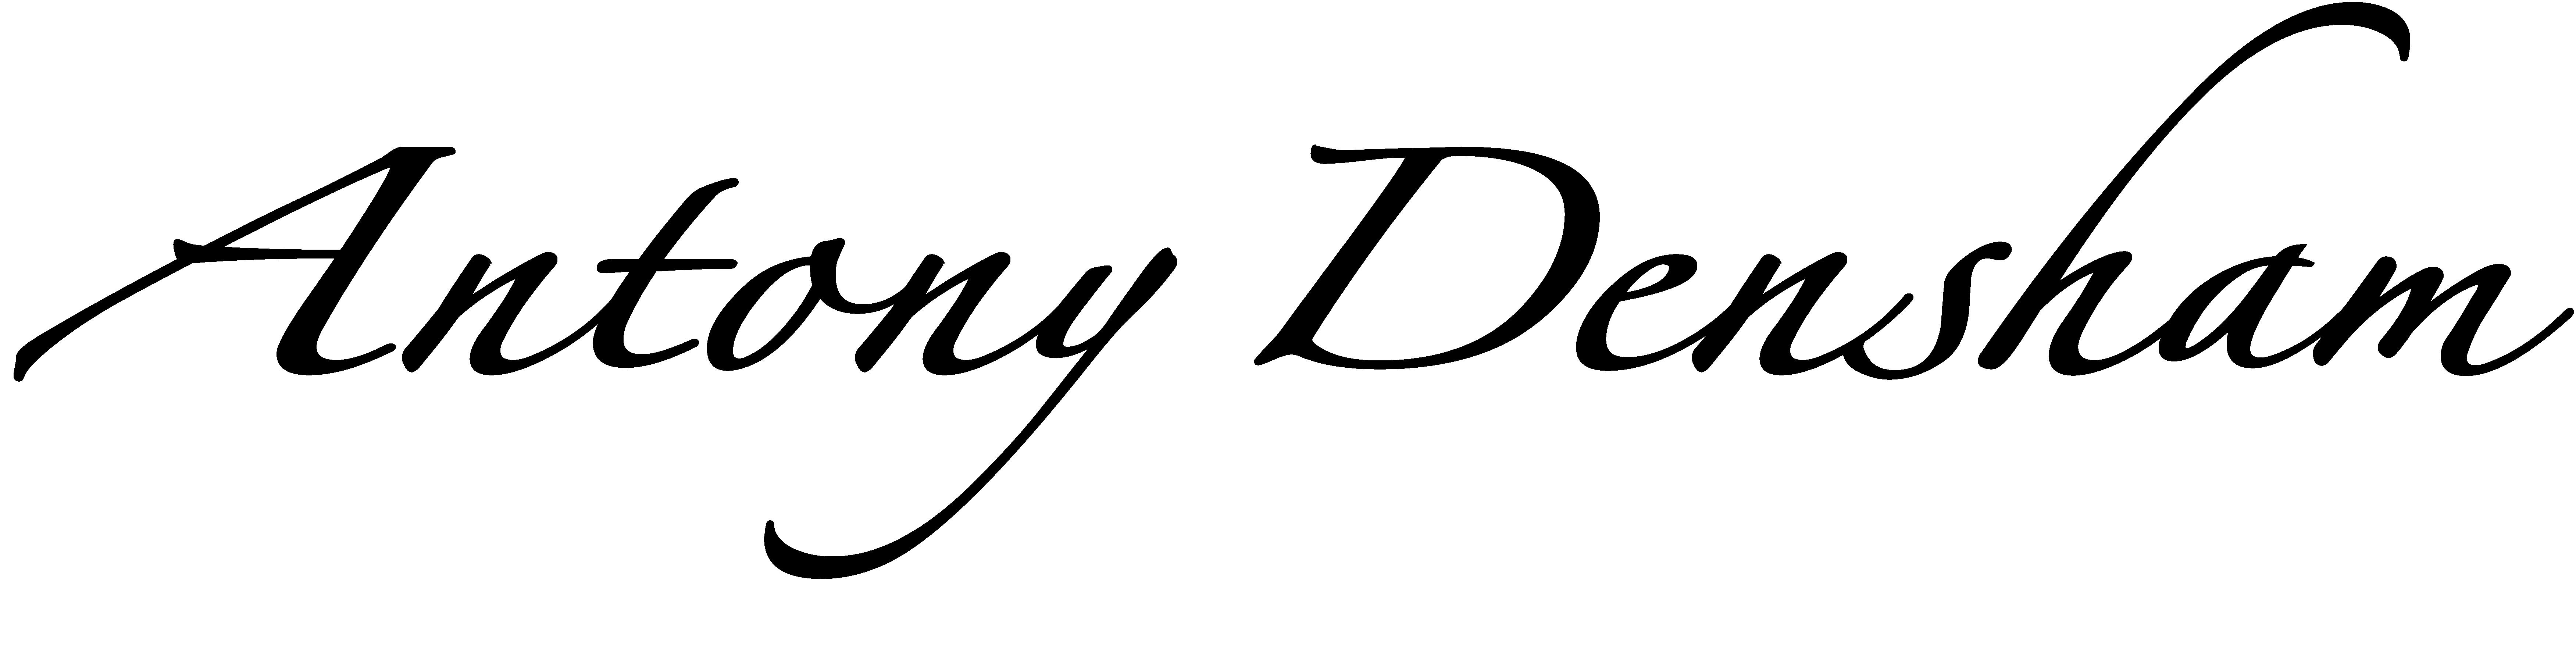 Antony Densham Signature